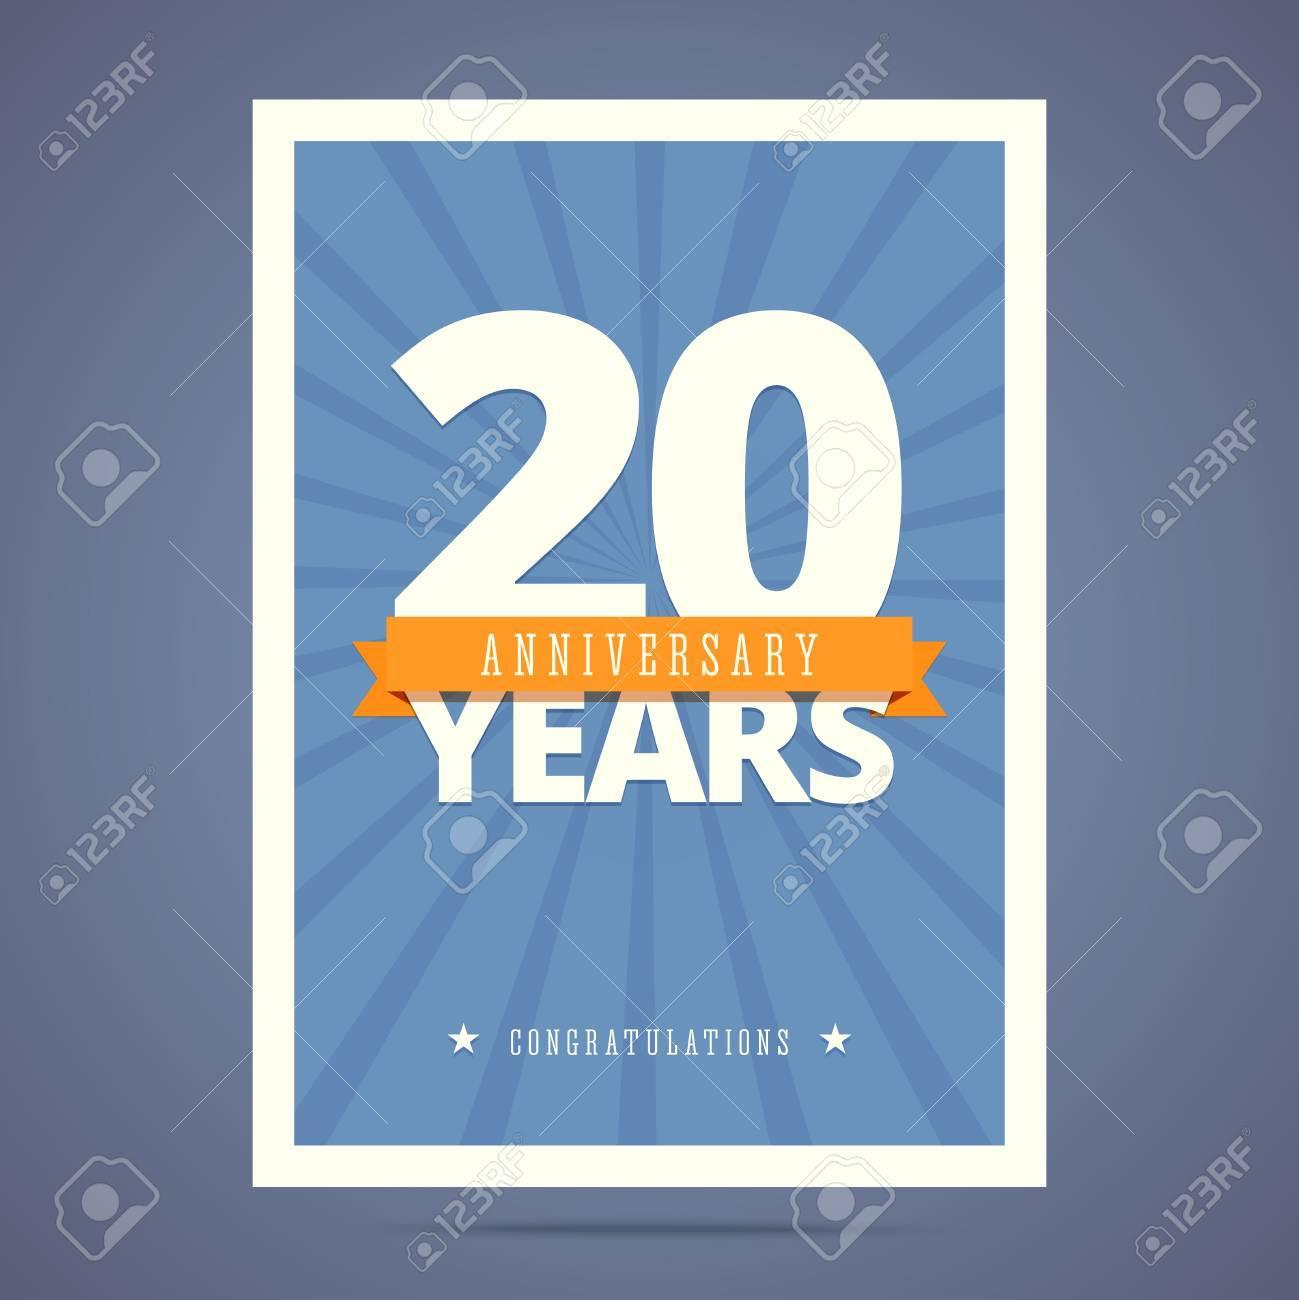 Carte D Anniversaire De 20 Ans Modele D Affiche Clip Art Libres De Droits Vecteurs Et Illustration Image 58076574